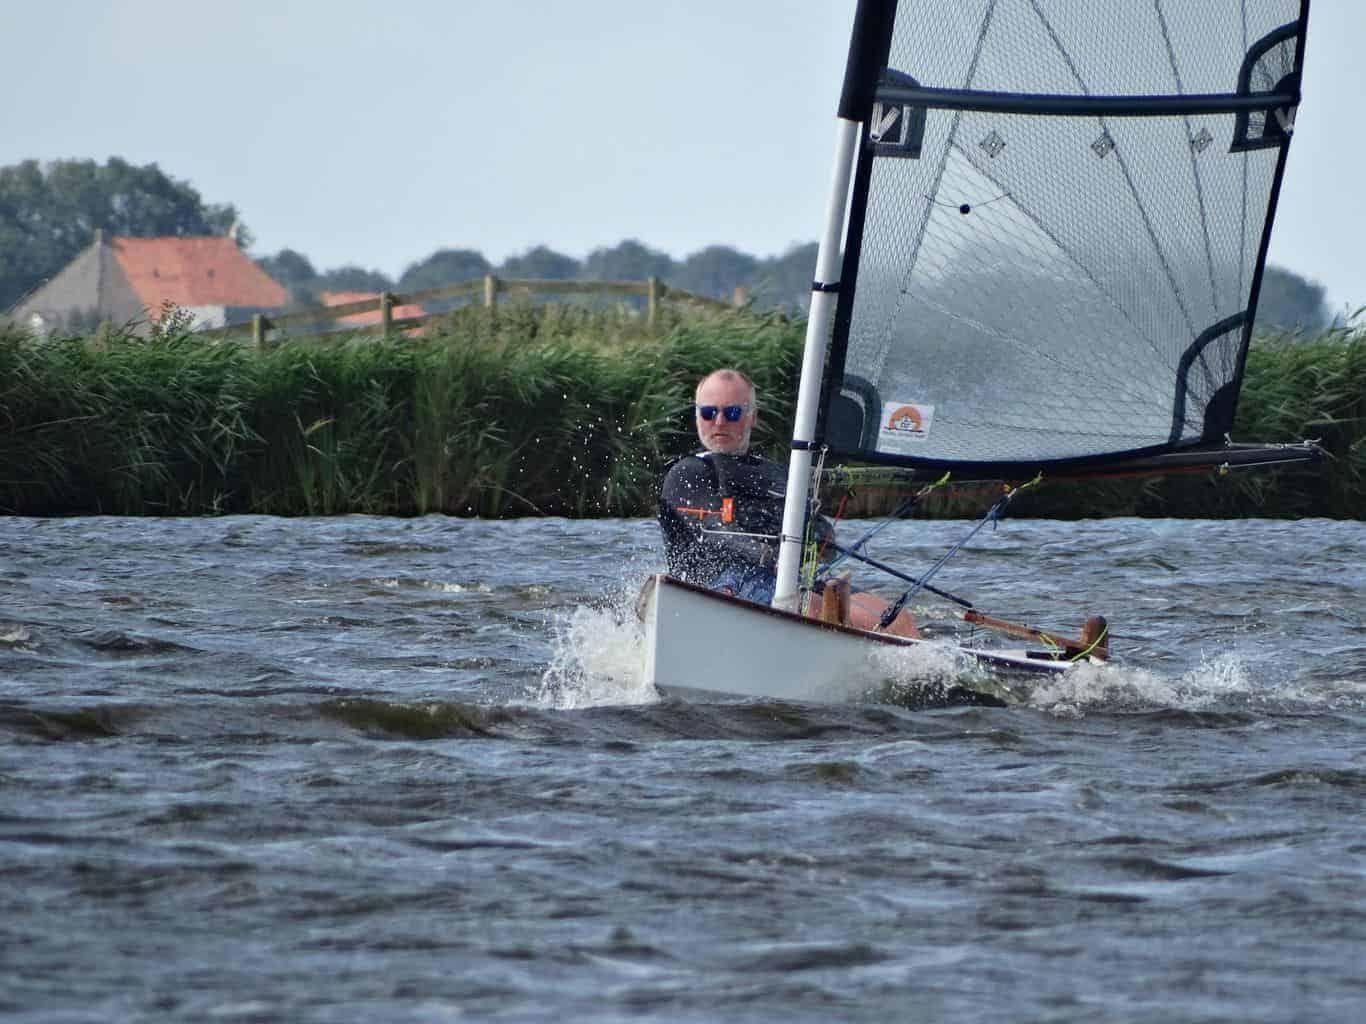 Viola 14 Sailing Canoe Plan Plywood Sailing Dinghy In 2020 Canoe Plans Sailing Dinghy Sailboat Plans